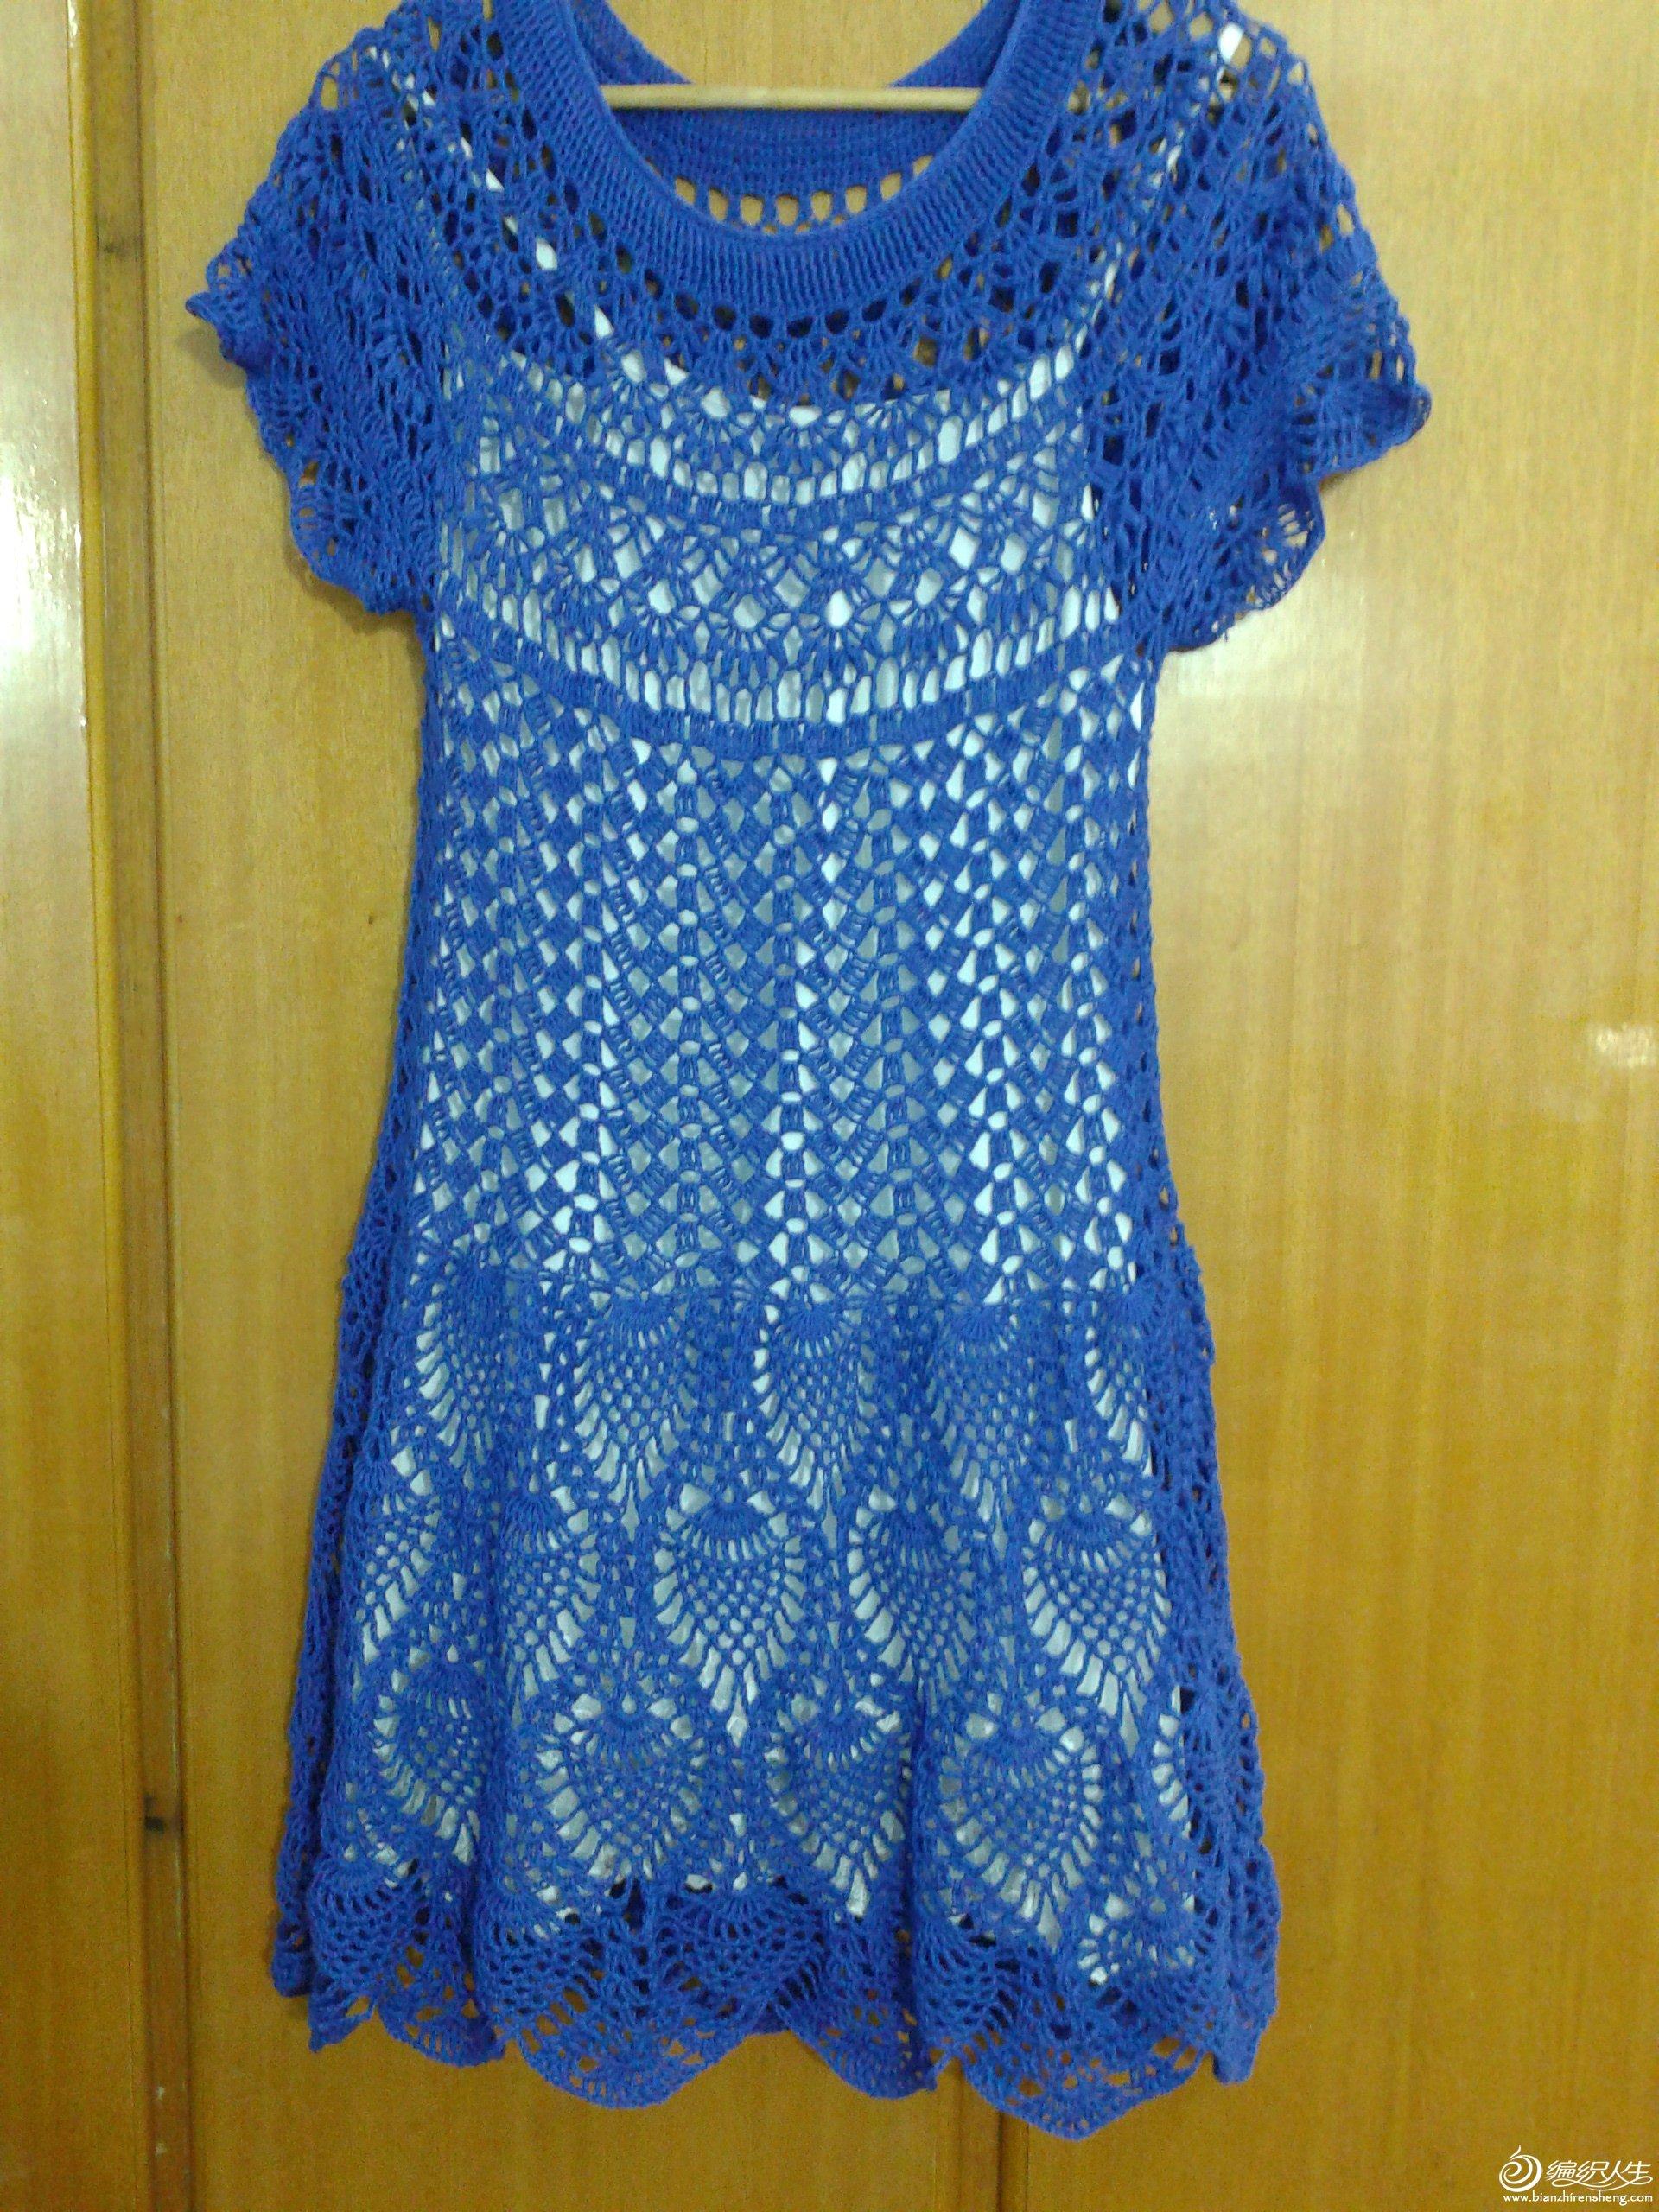 漂亮的蓝色连衣裙